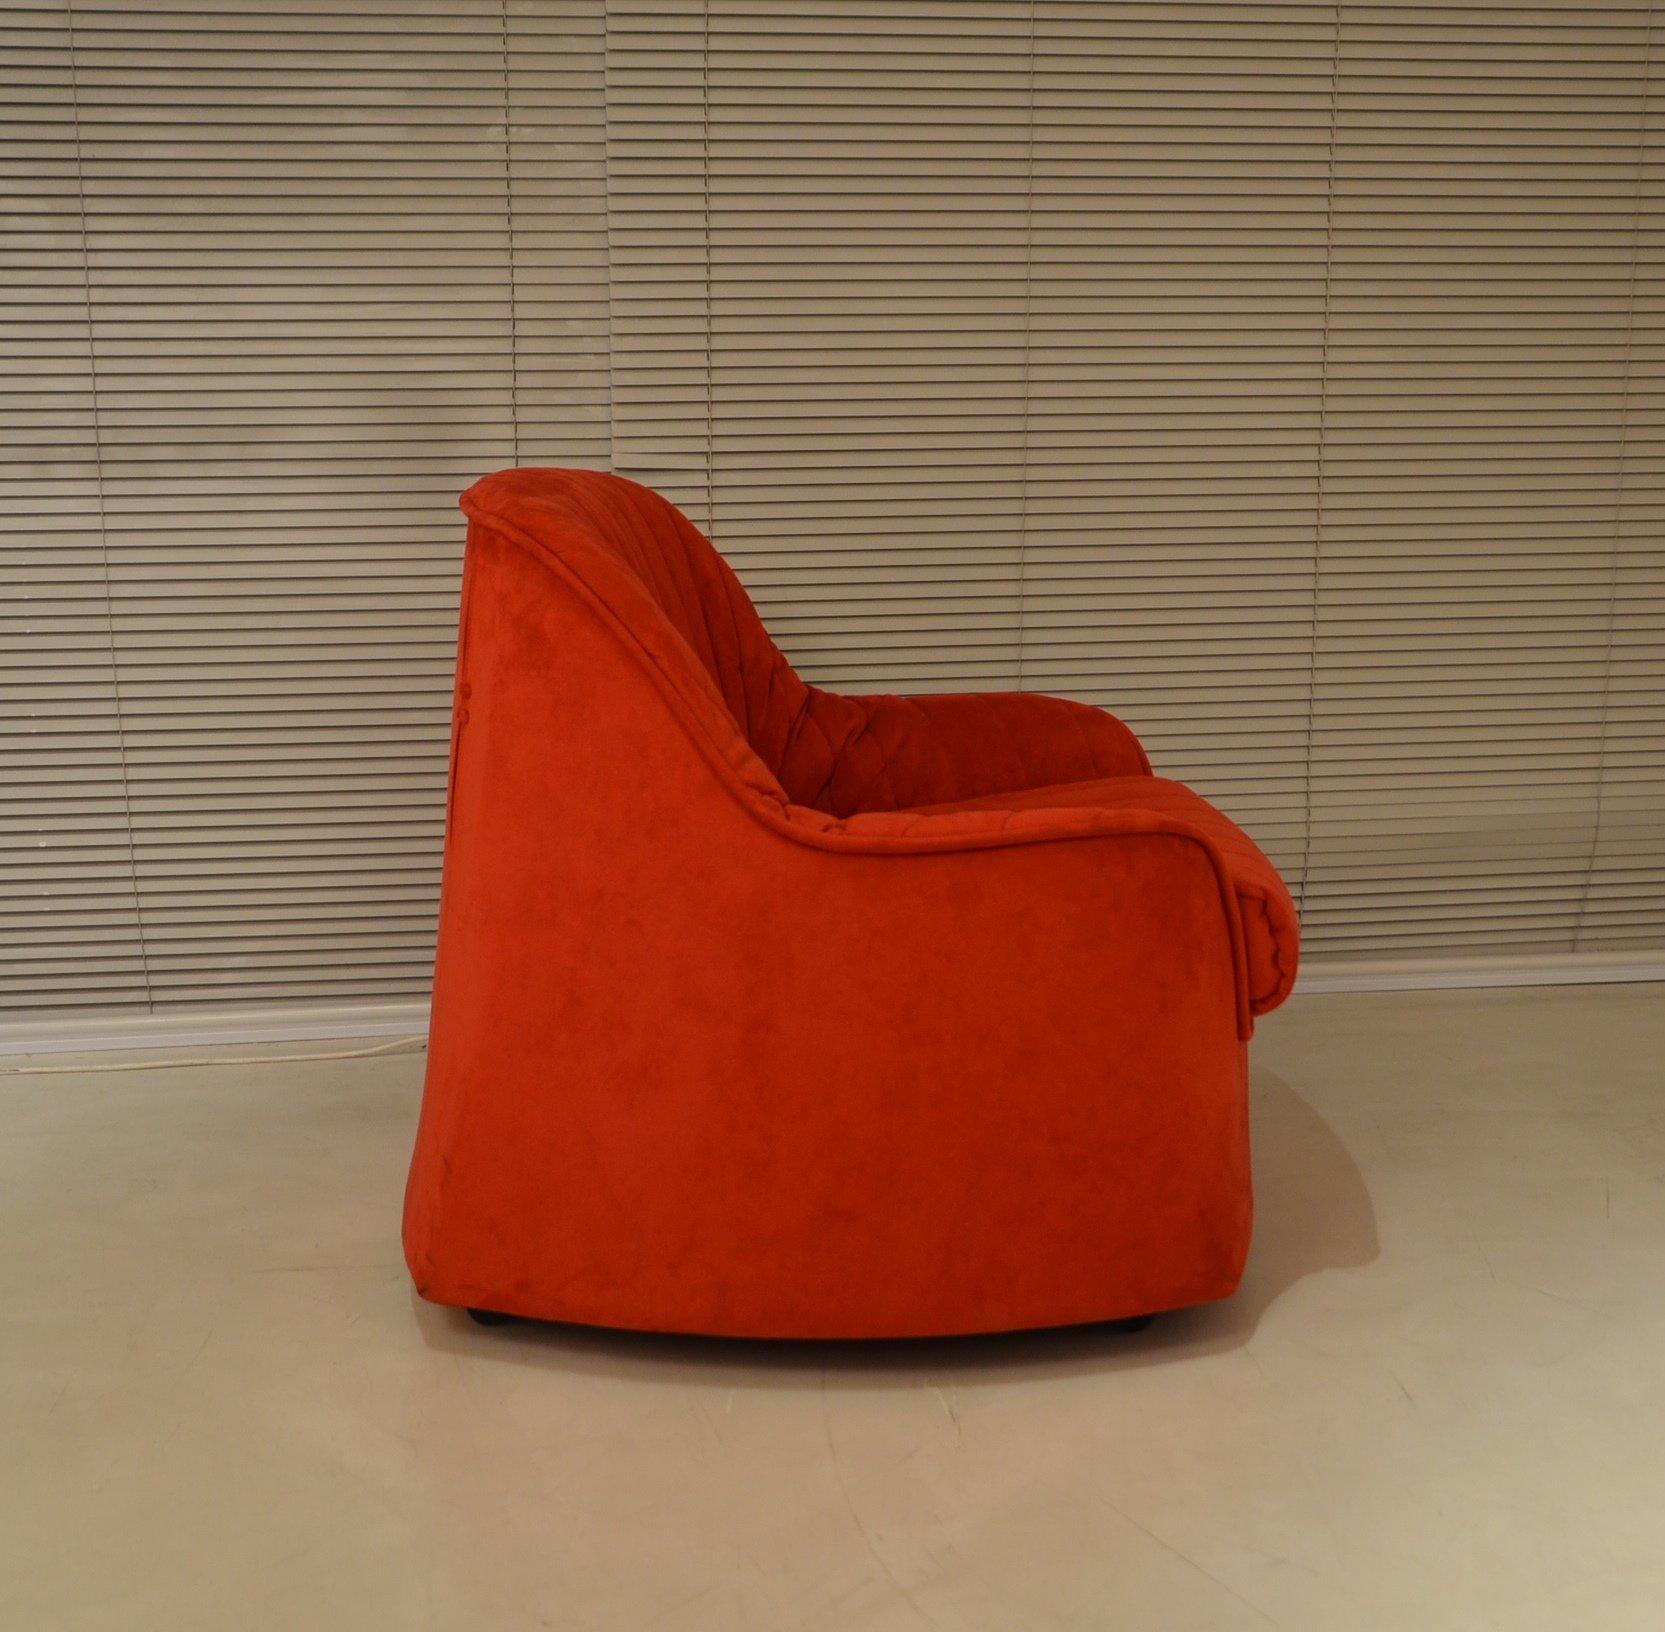 CIPREA design Afra e Tobia Scarpa ORIGINAL Cassina icon made in Italy